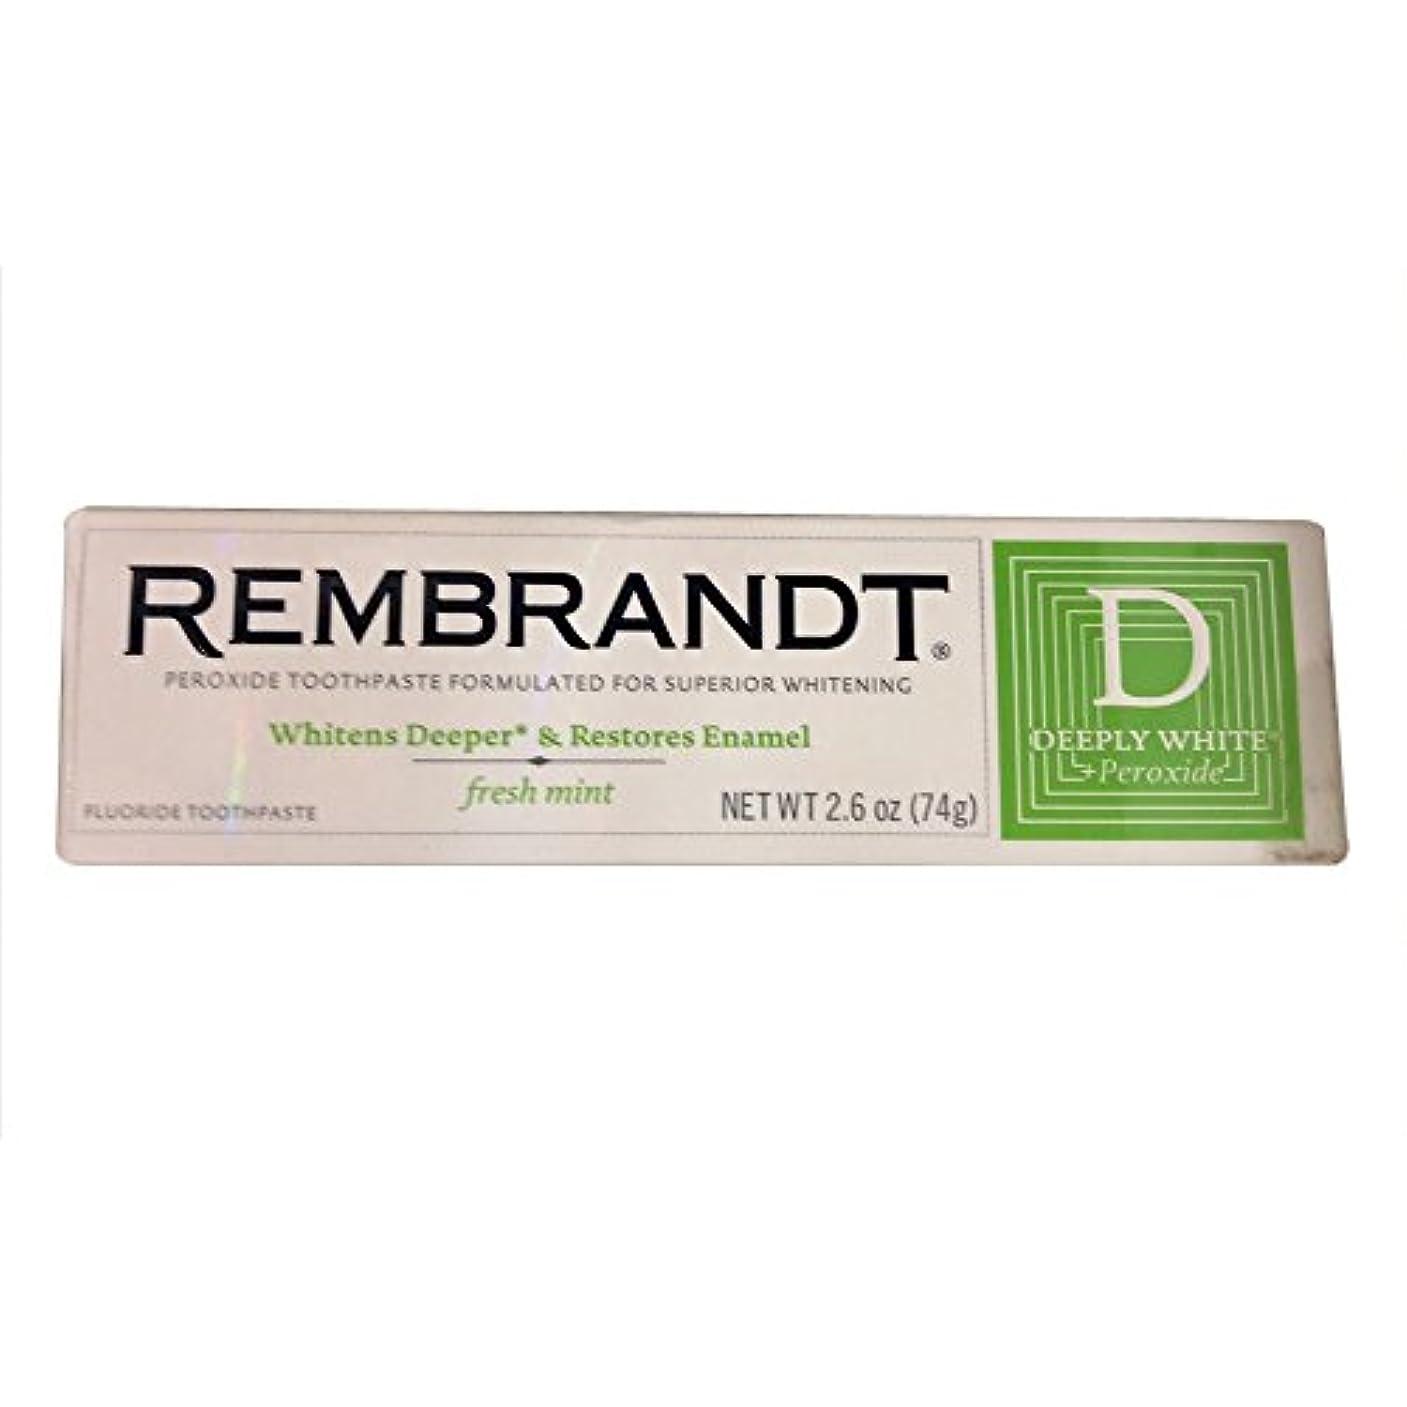 習字アクセス検索エンジンマーケティングRembrandt プラス深くホワイトプラス過酸化フッ化物の歯磨き粉フレッシュミント、2.6オズ、(12パック) 12のパック